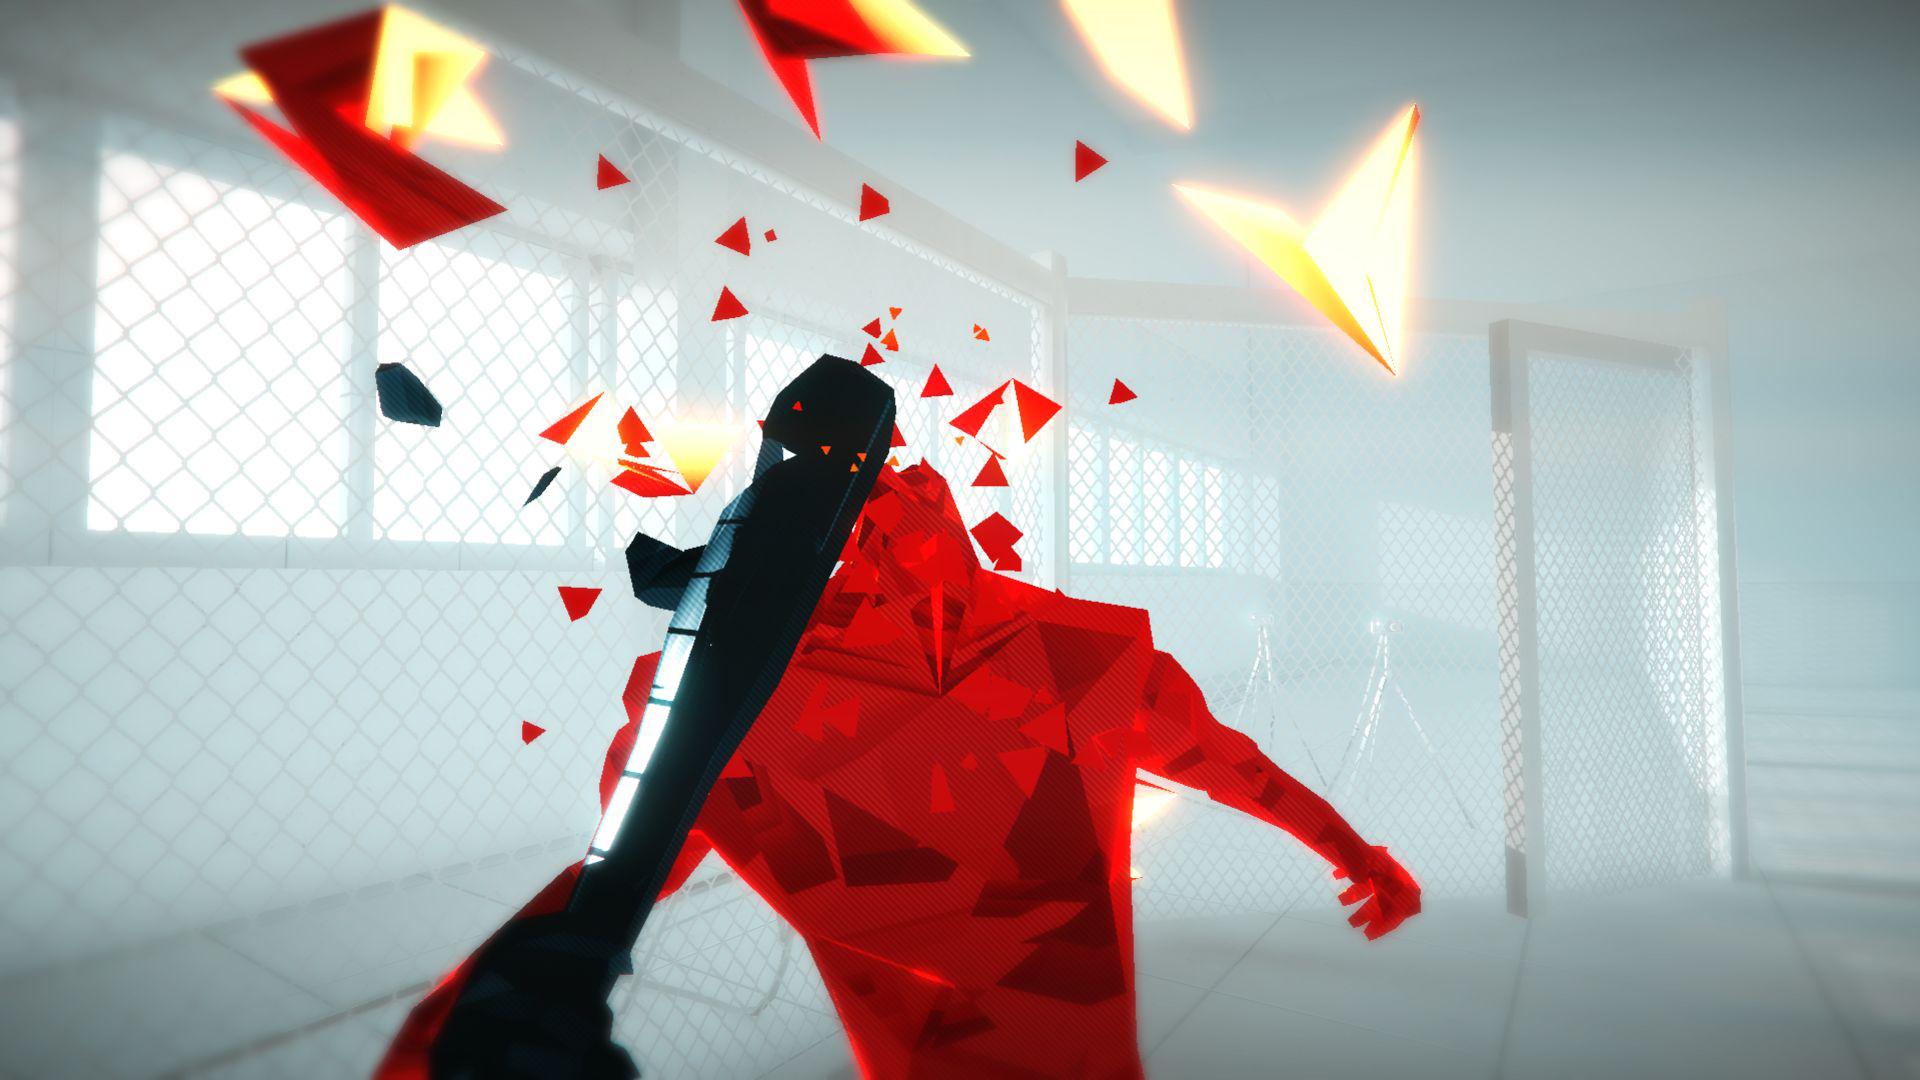 『SUPERHOT』ゲーム画面